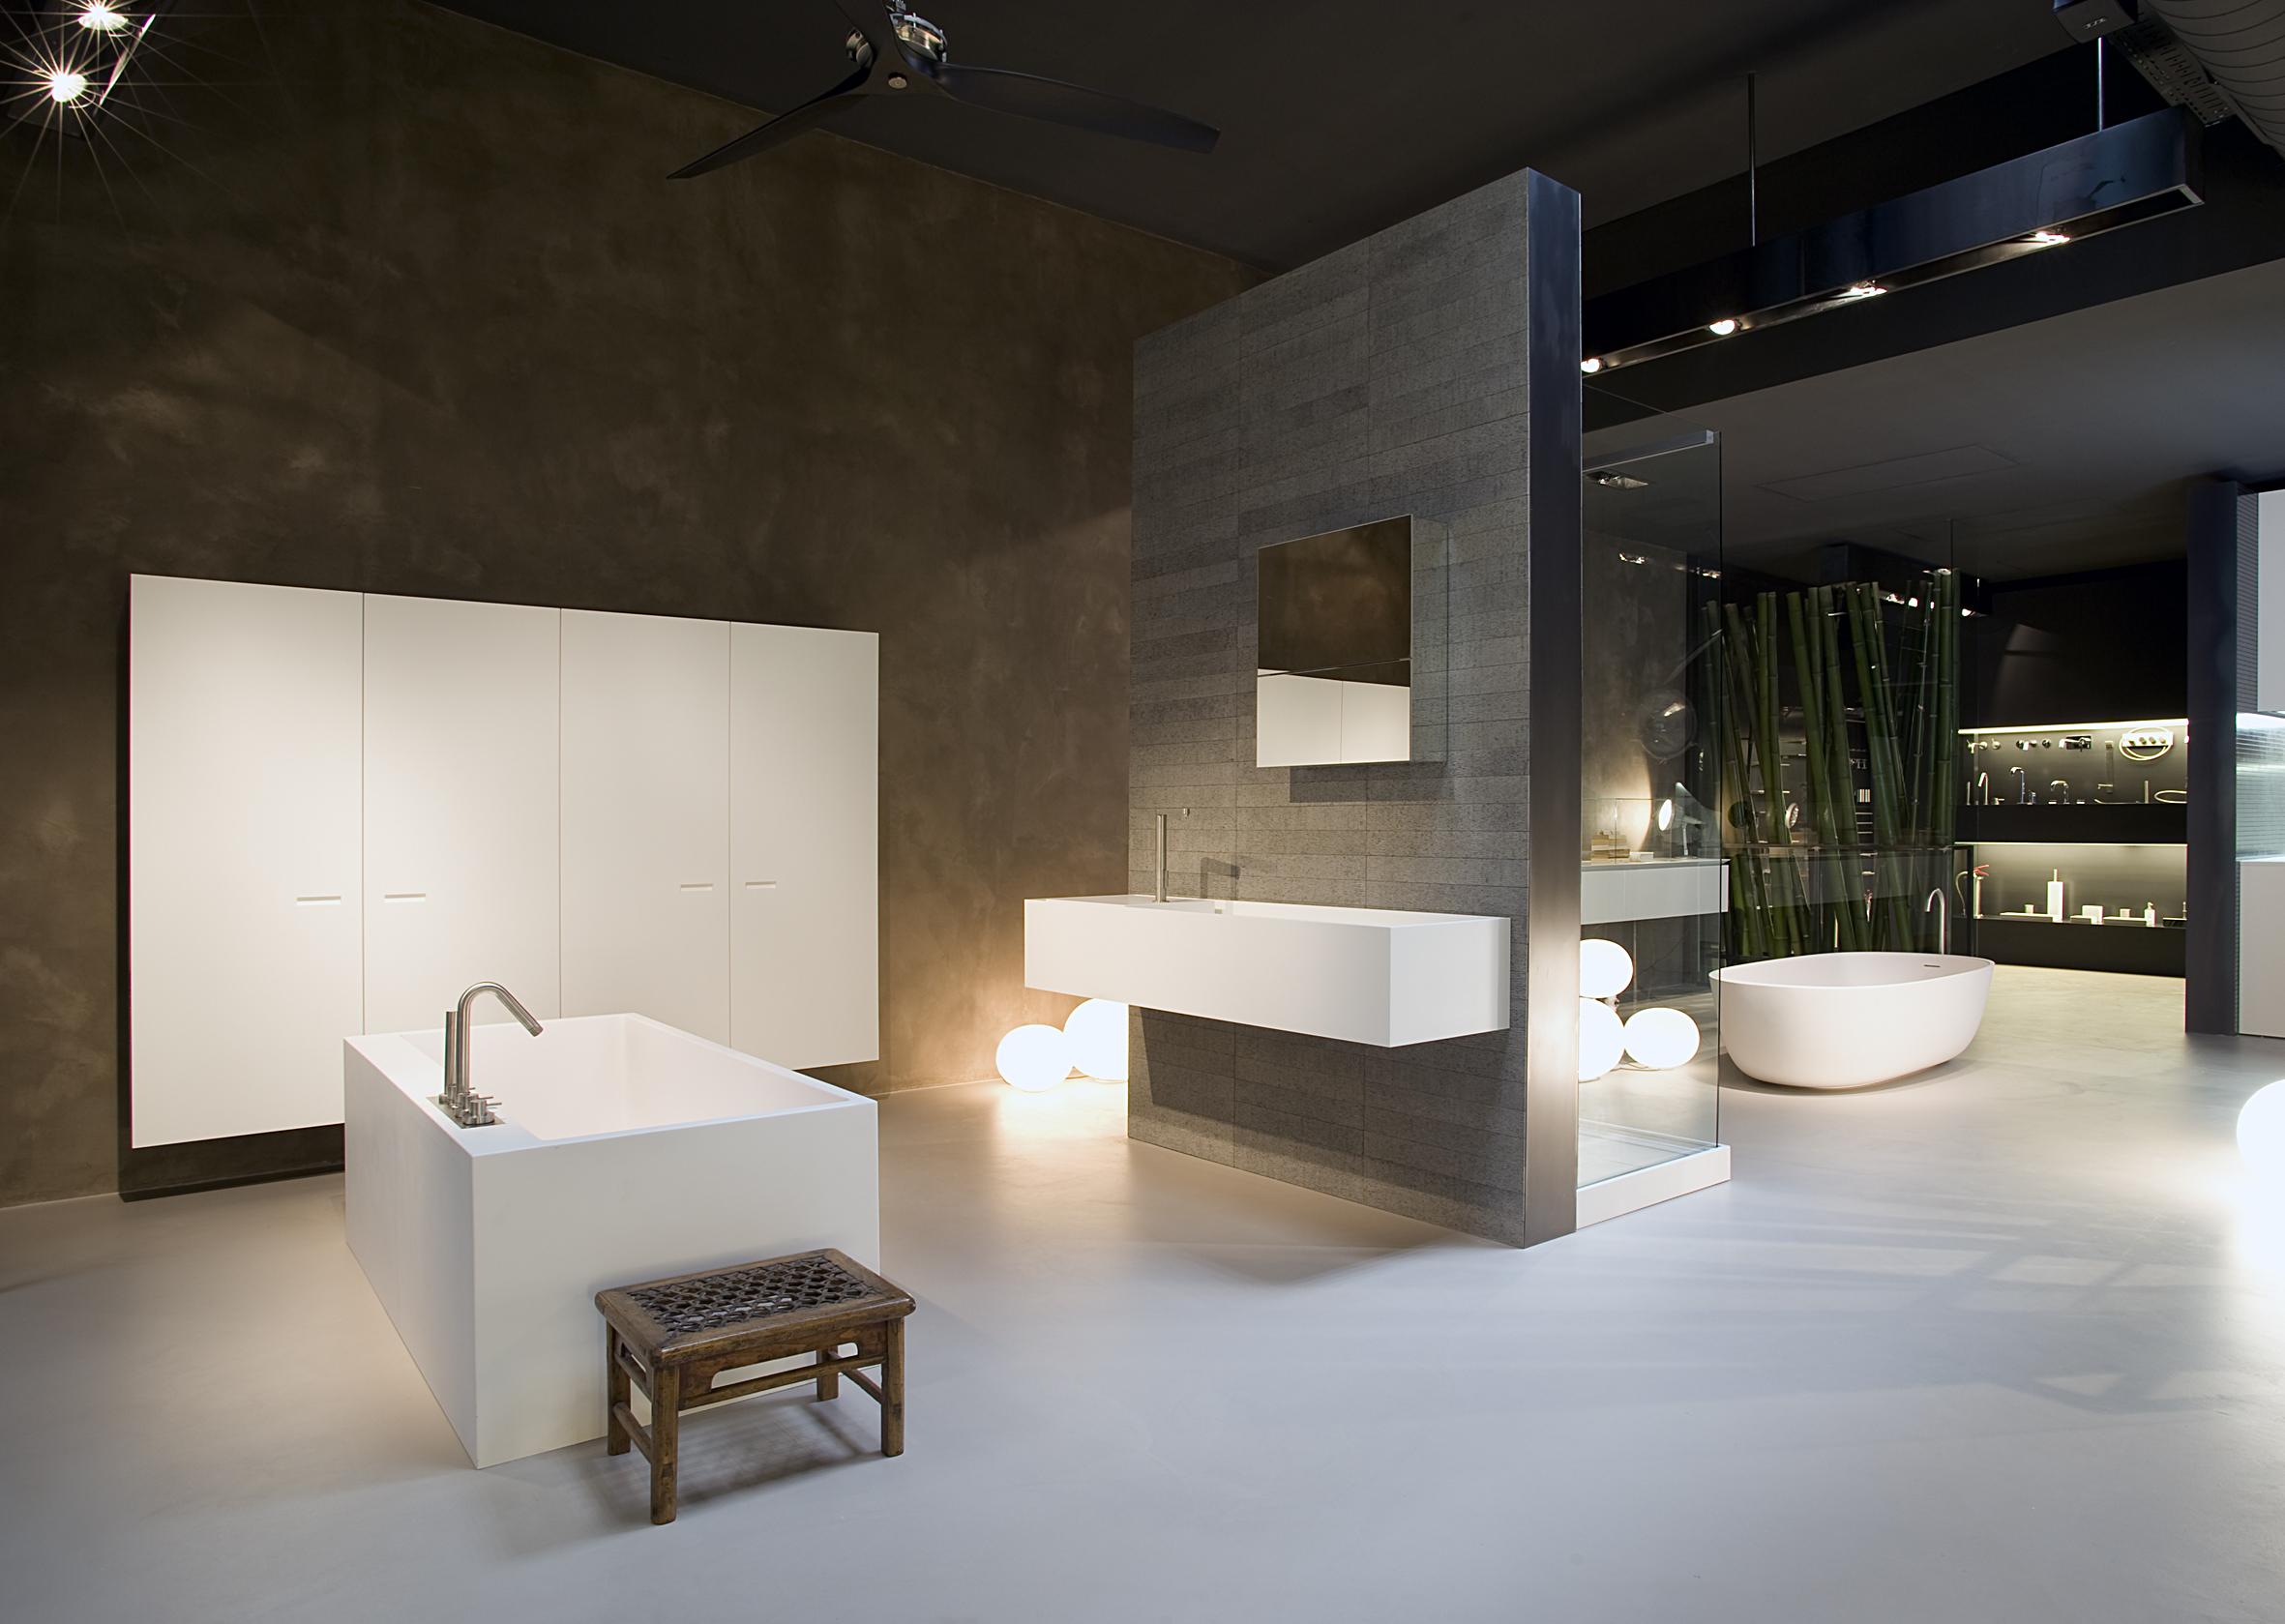 boffi barcelona olga planas 9 high di che pasta siamo. Black Bedroom Furniture Sets. Home Design Ideas